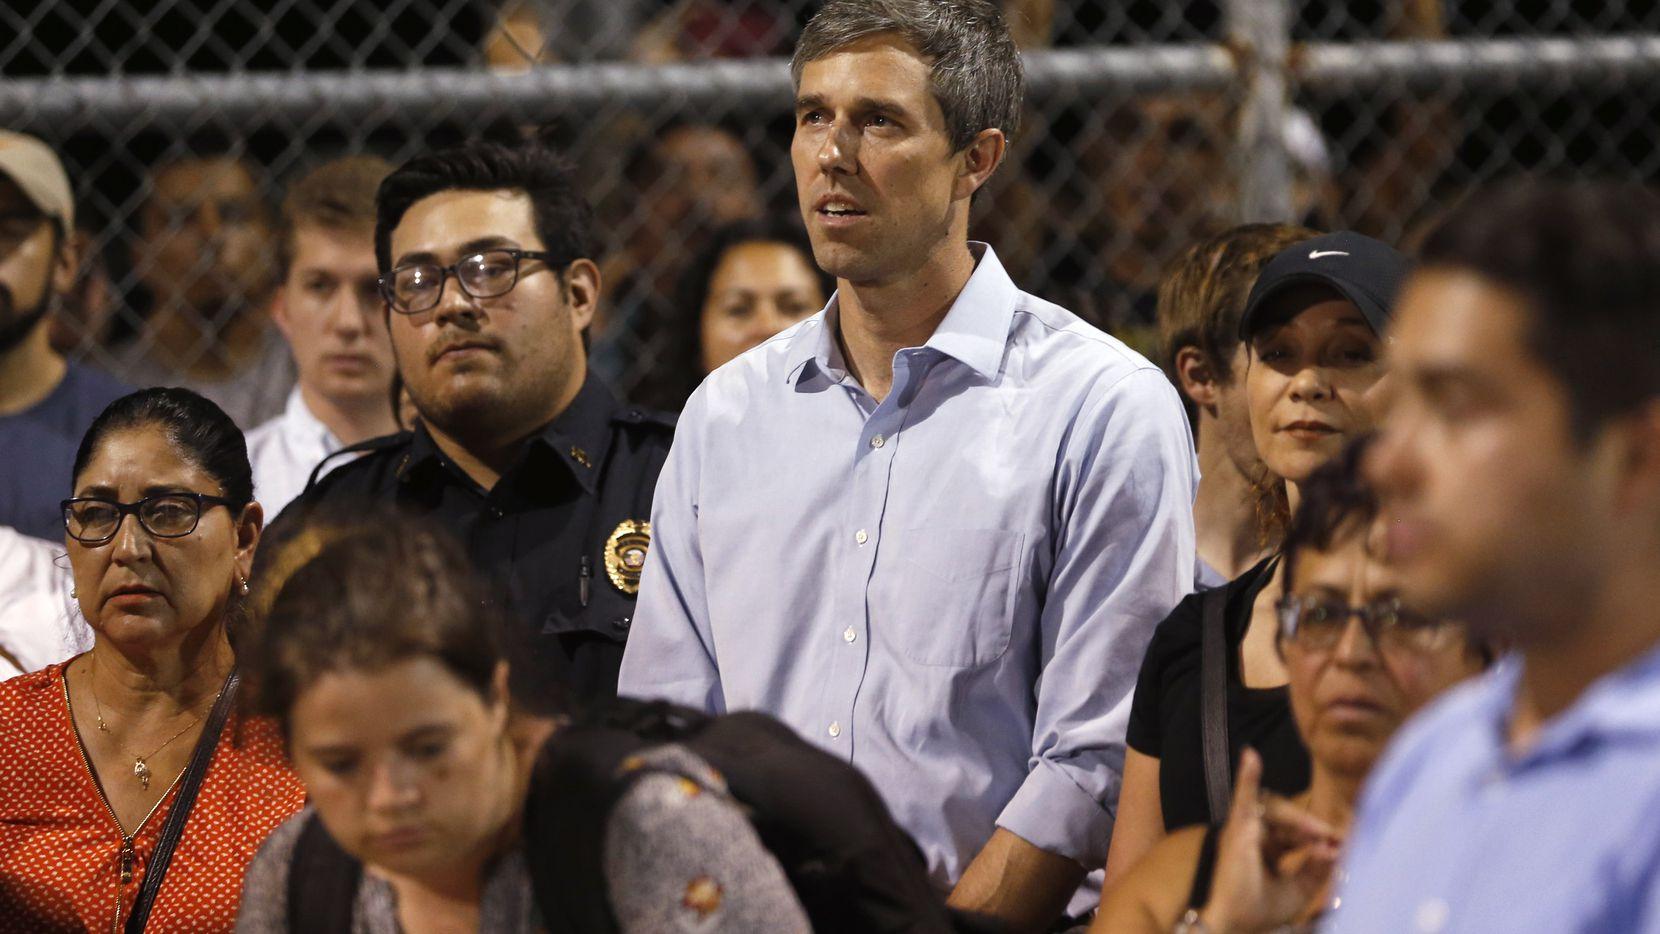 El candidato demócrata Beto O'Rourke participó en una vigilia en un parque para honrar a las víctimas del tiroteo en El Paso.